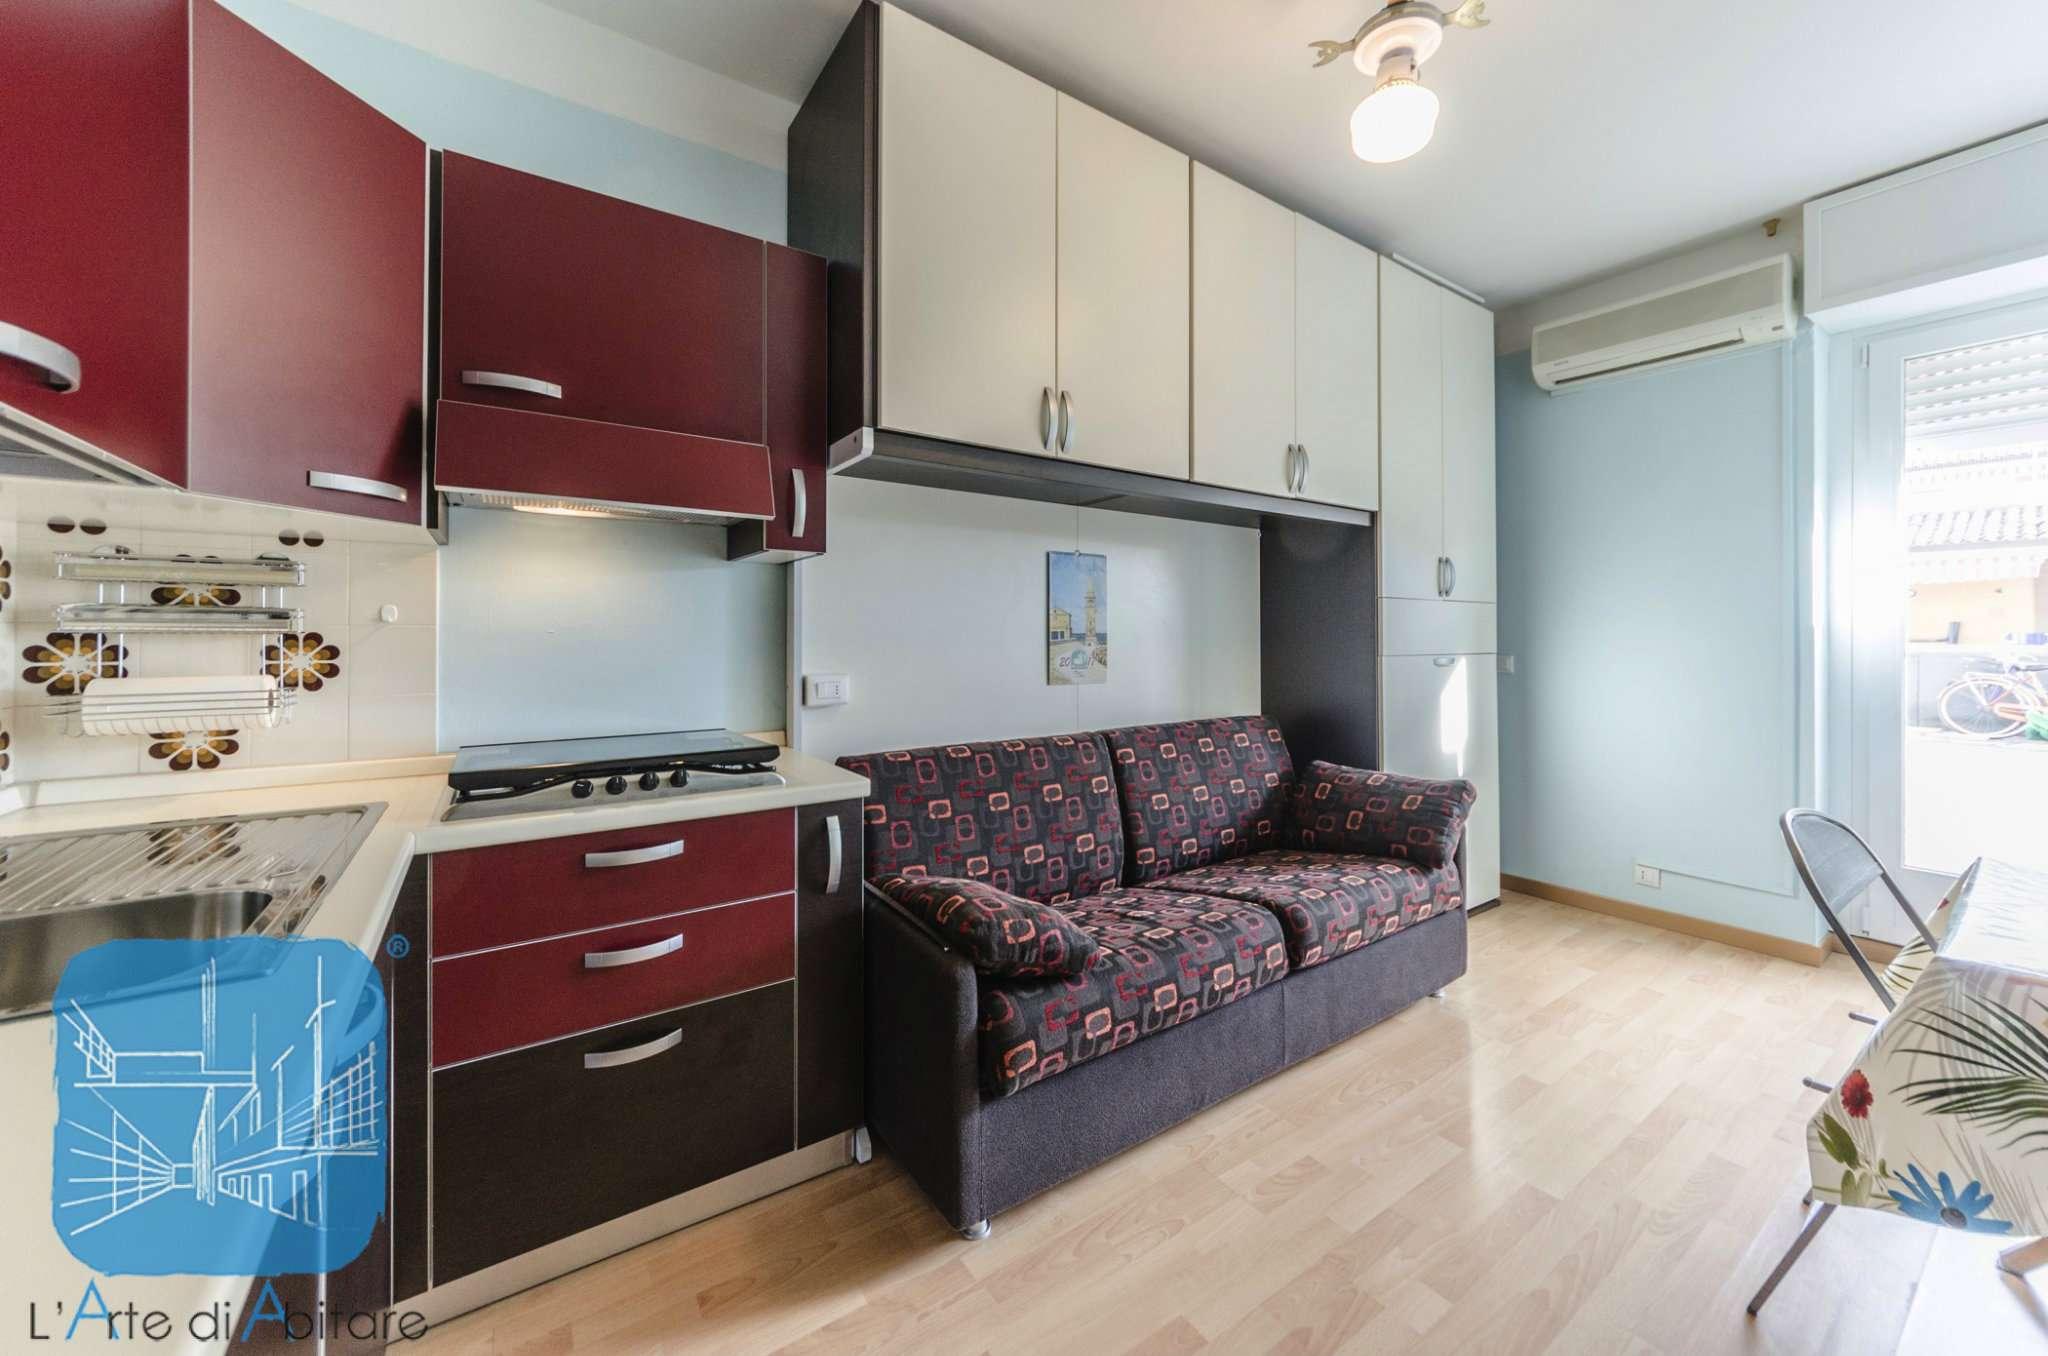 Appartamento in vendita a Caorle, 2 locali, prezzo € 59.000   CambioCasa.it